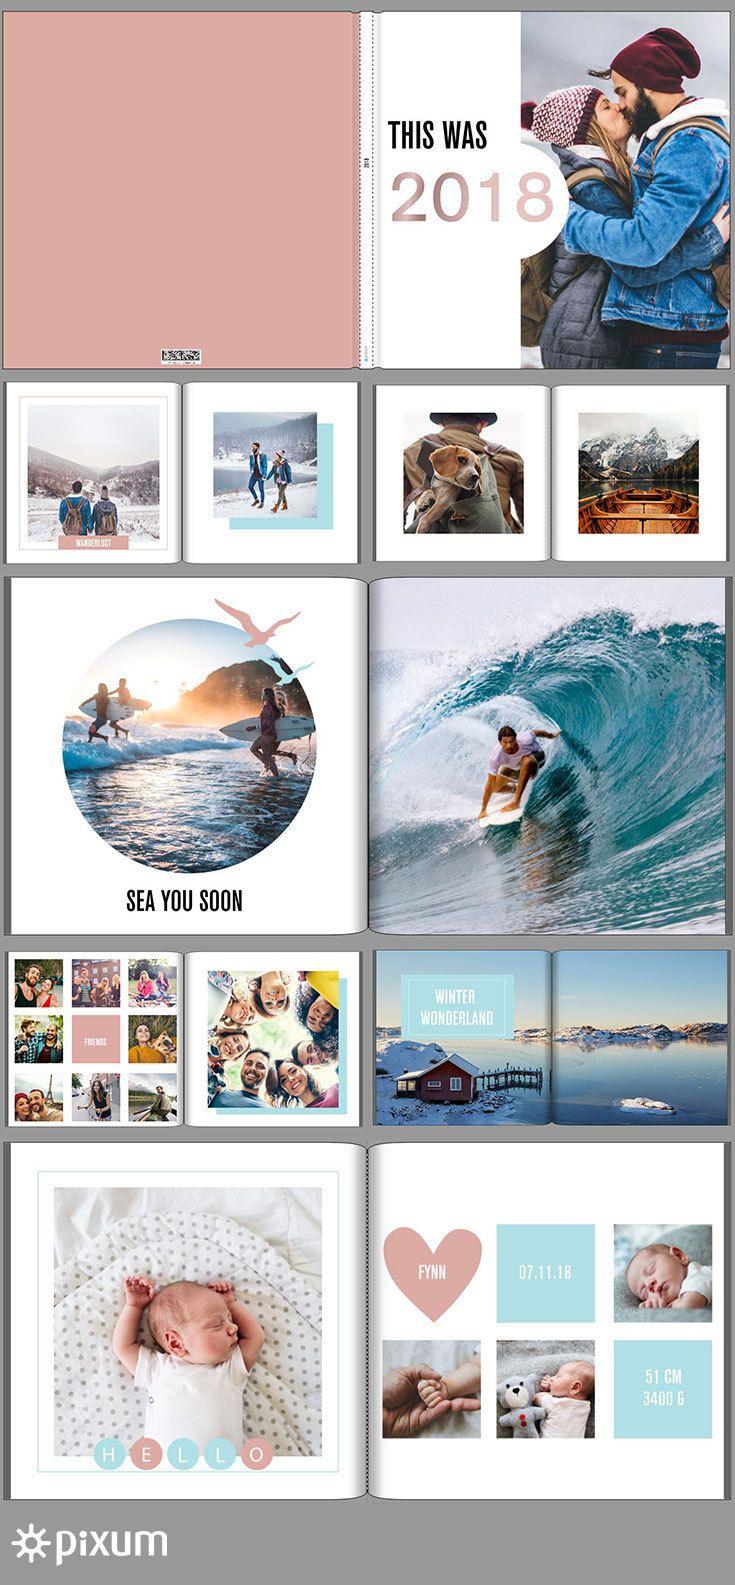 Deine schönsten Erinnerungen aus 2018 zusammengefasst in deinem persönlichen Pixum Fotobuch: Mit unserer coolen Vorlage für deinen Jahresrückblick…